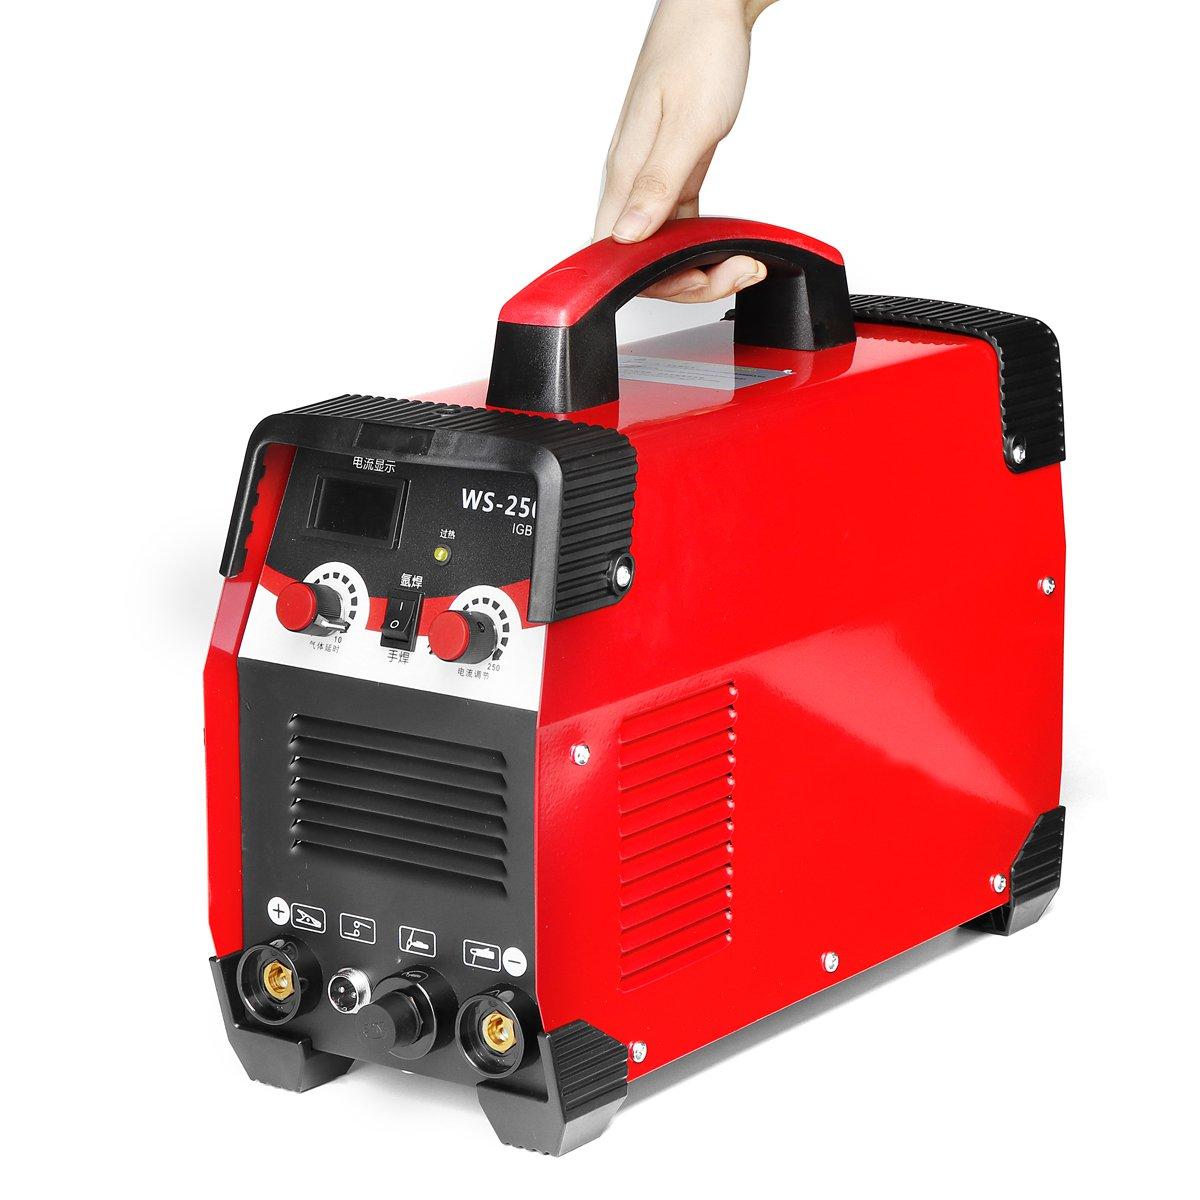 2IN1 220 V 7700 W TIG/MMA IGBT Máquina de Solda a ARCO Elétrico 20-250A VARA Inversor Para Soldagem de Trabalho e trabalho elétrico